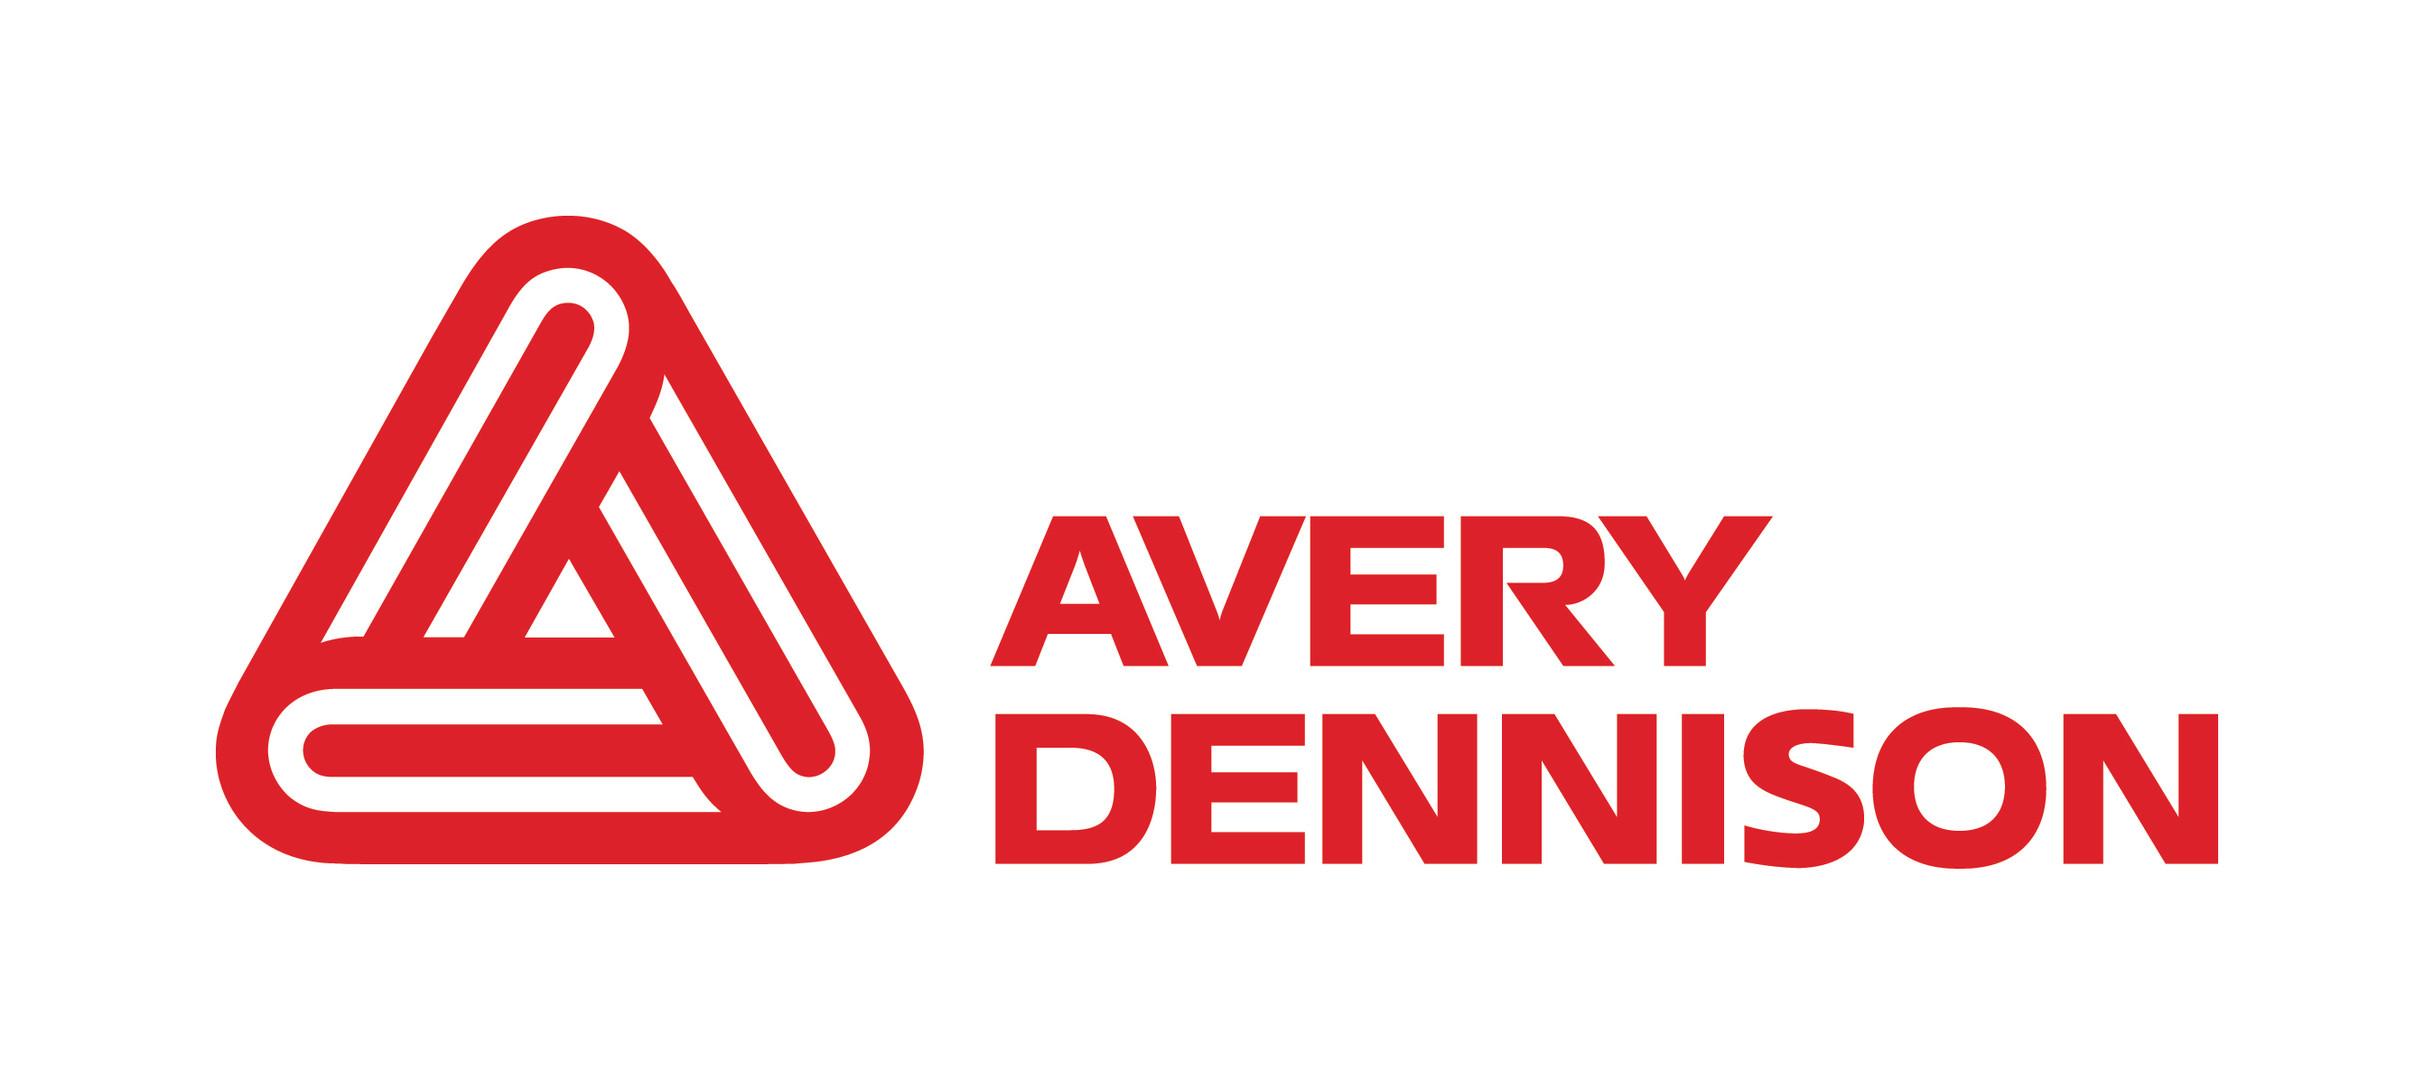 Avery_Dennison_Logo.jpg